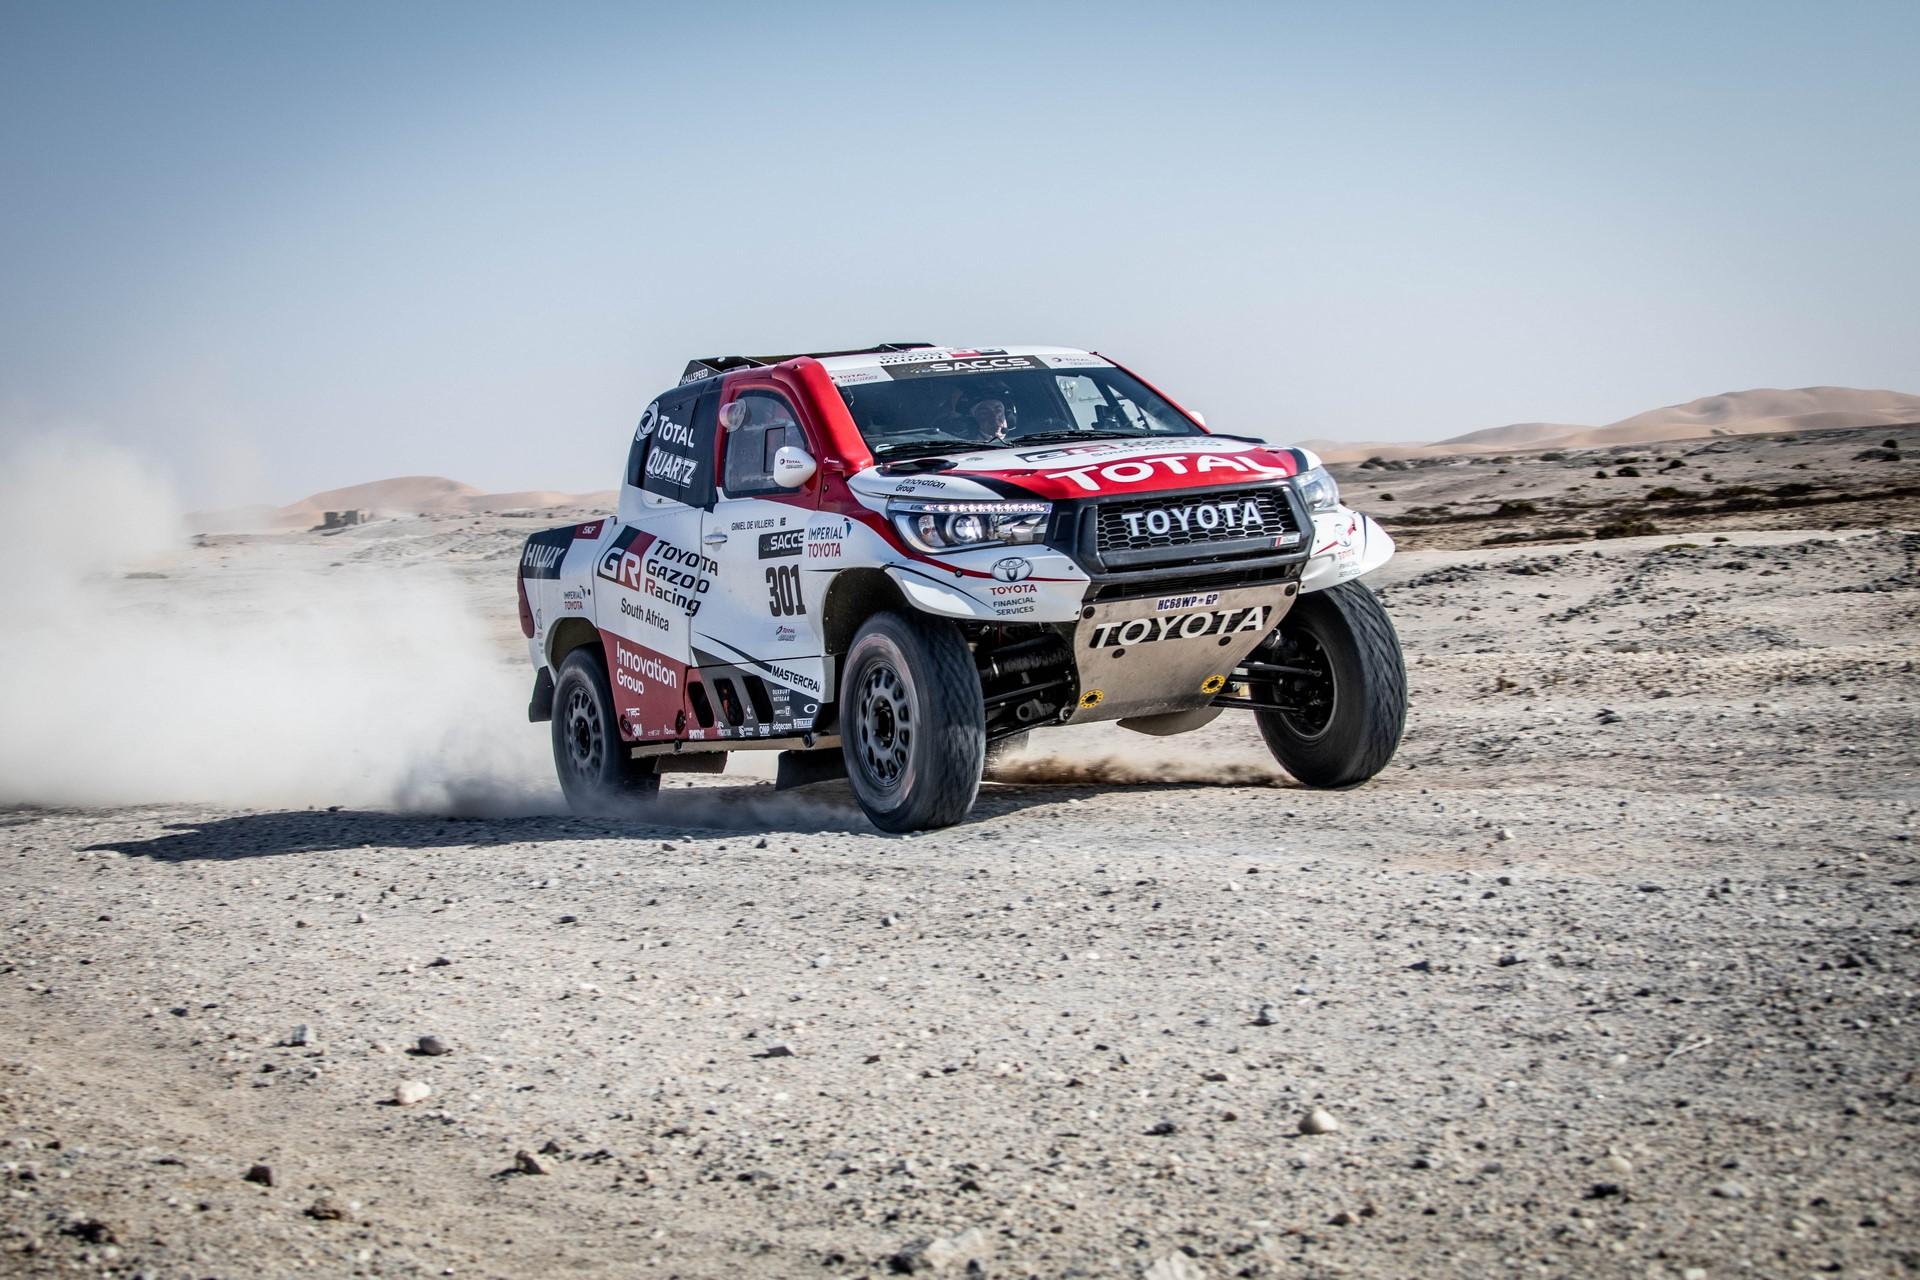 Fernando-Alonso-Training-Namibian-desert-2